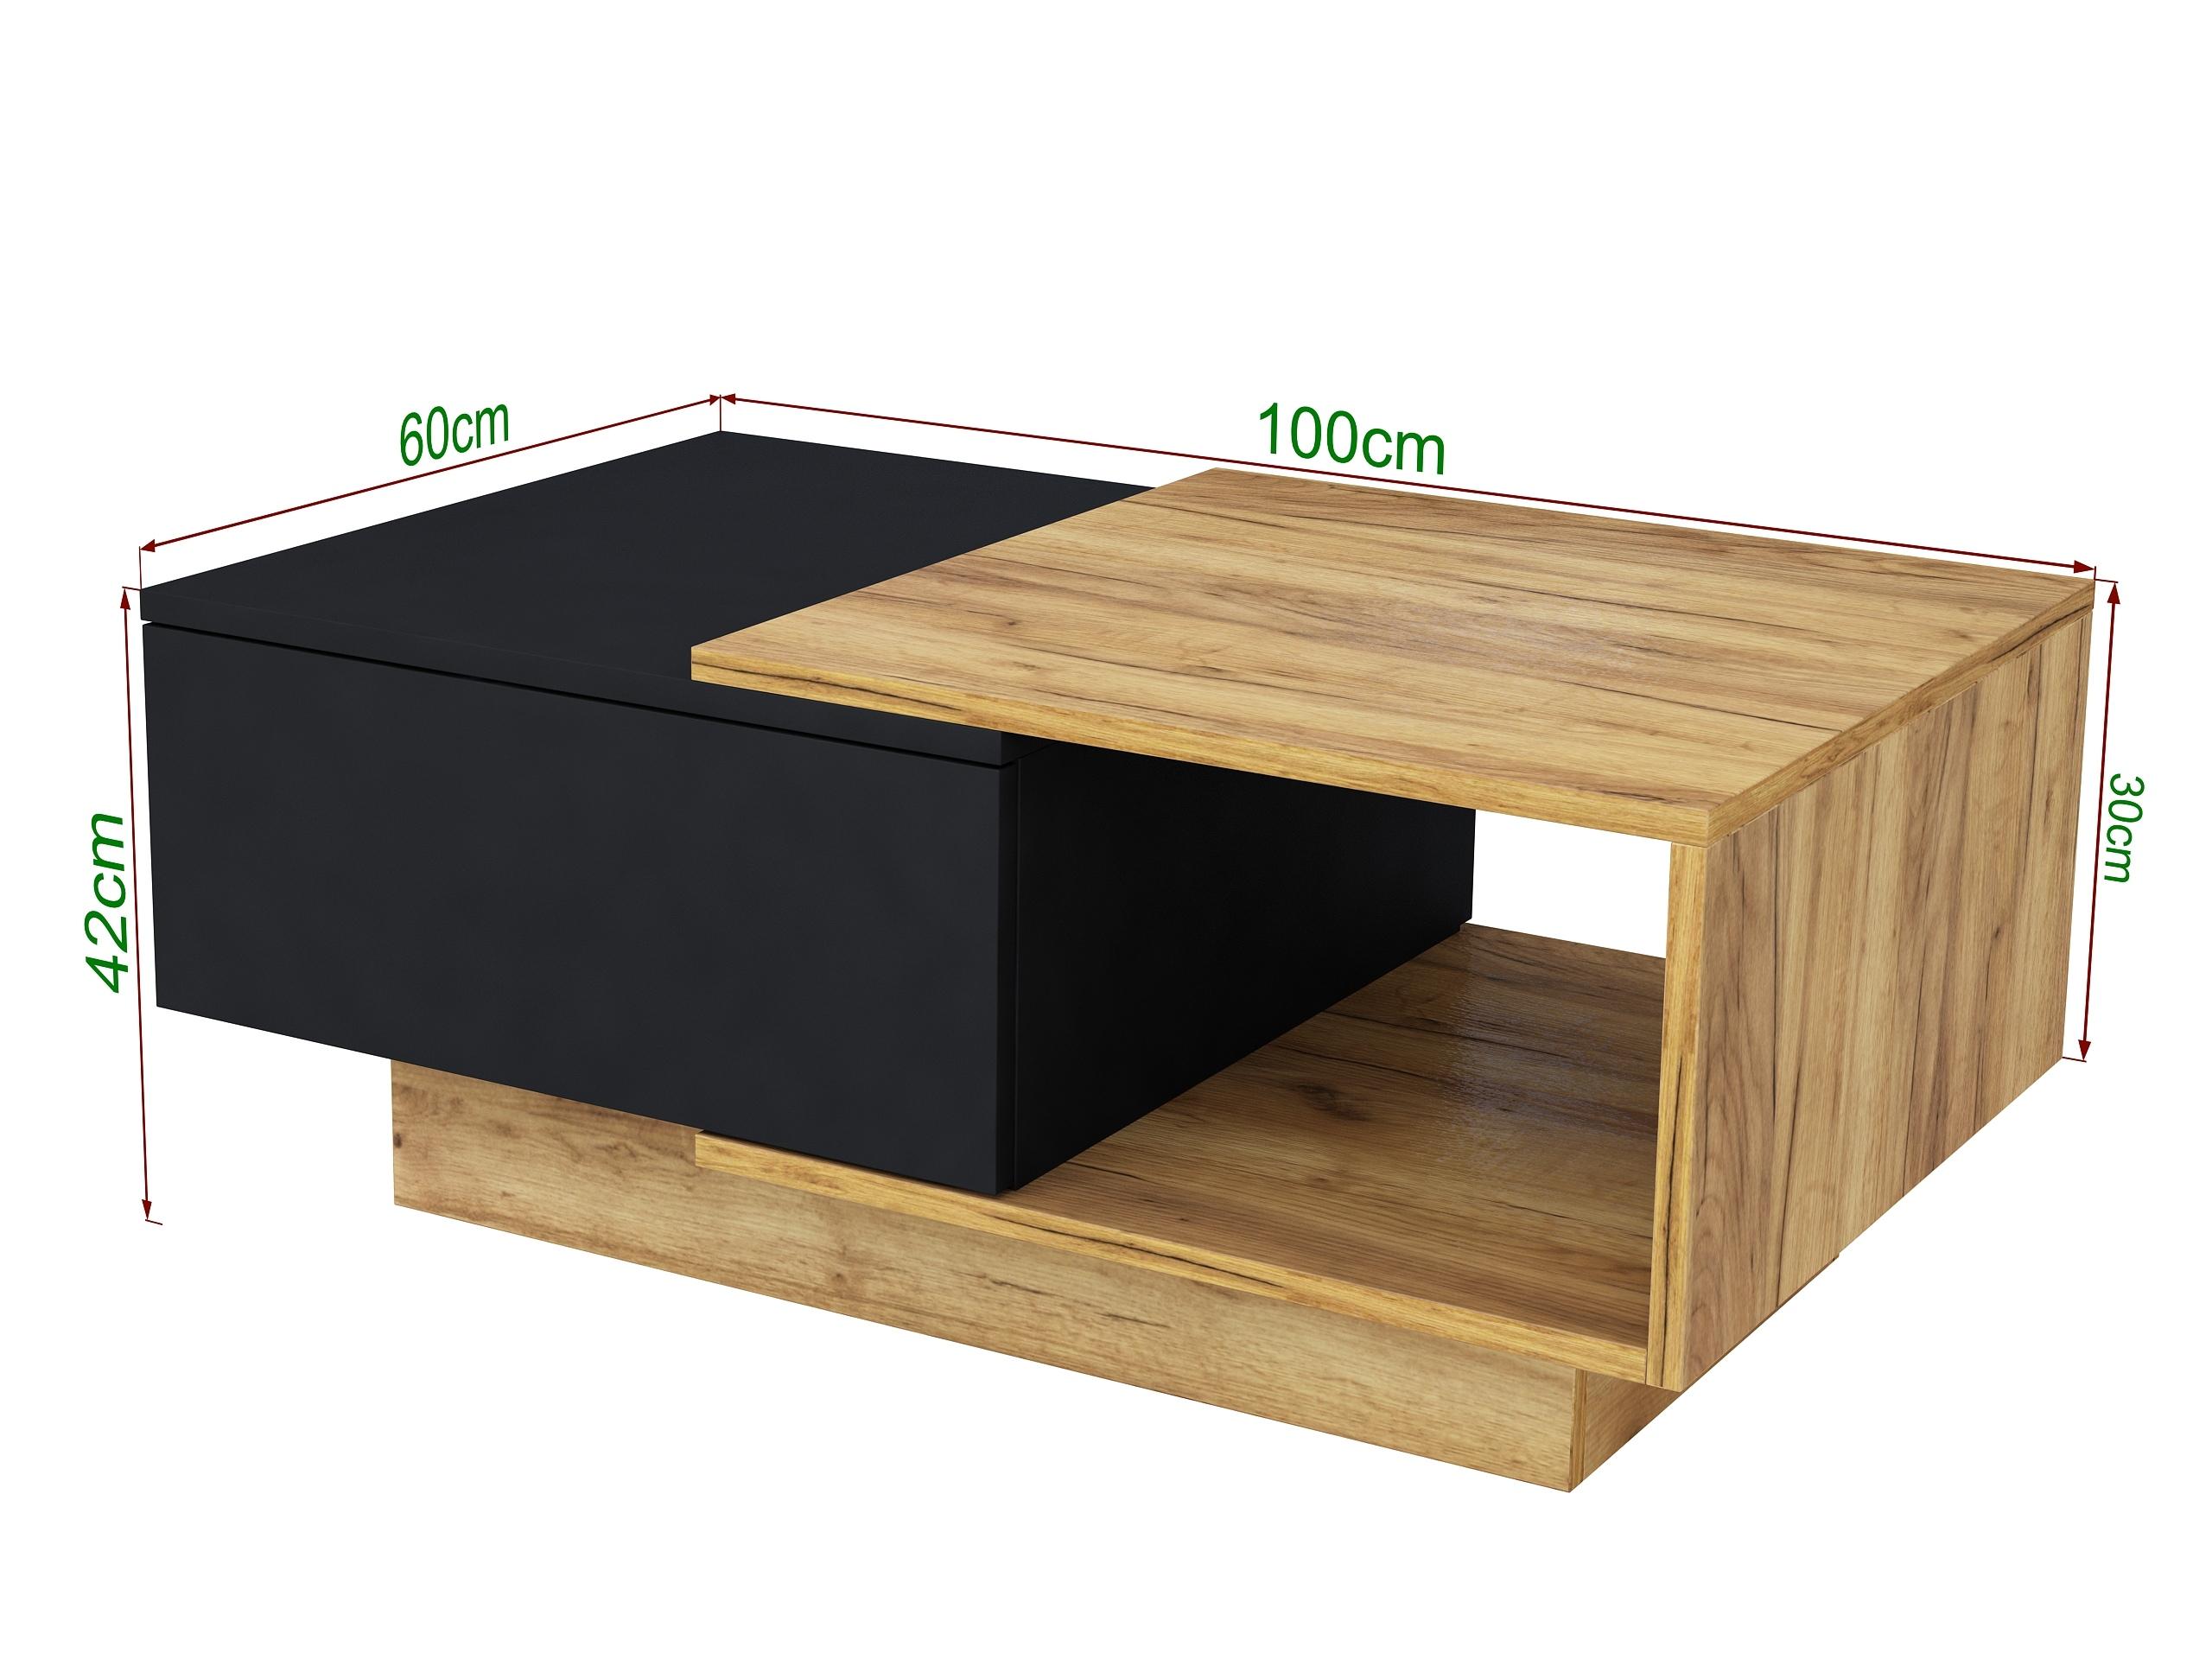 stolik w kolorze drewna, dąb craft, dąb złoty, czarny mat, matowy stolik do salonu, ława do kanapy